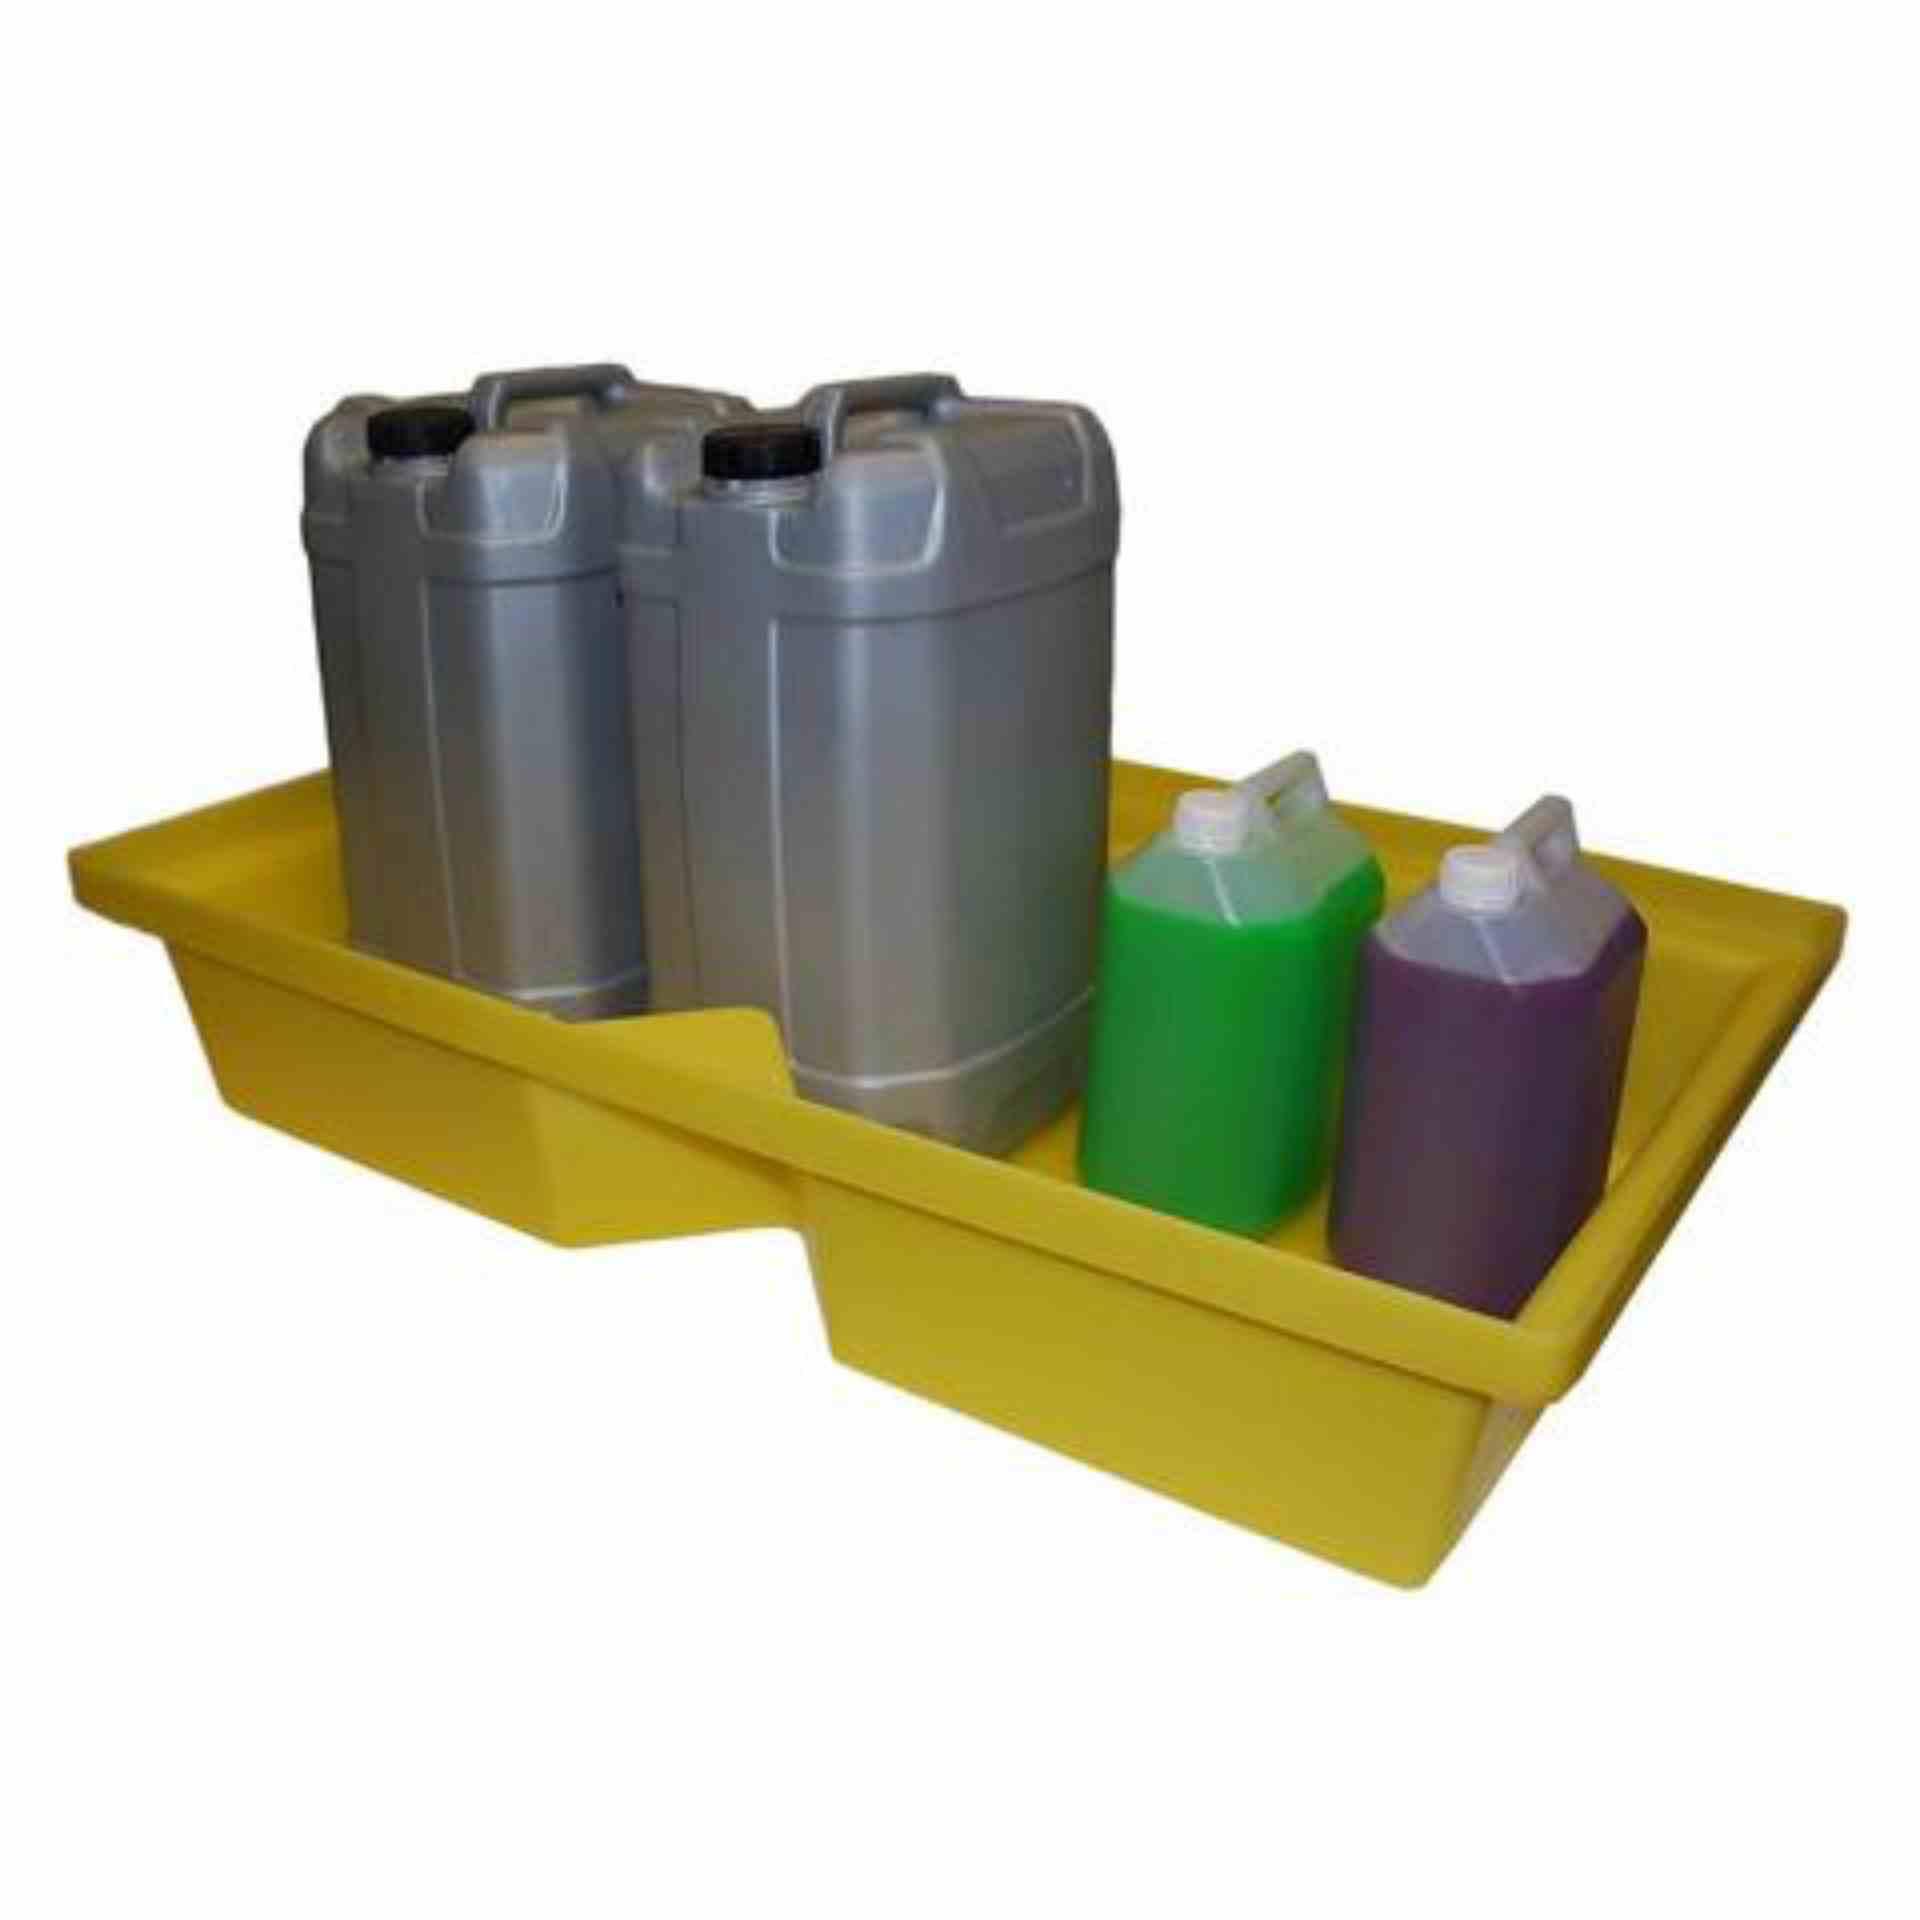 Wanna wychwytowa polietylenowa, bez kratownicy pod małe pojemniki, 63 l, kolor żółty, 1000 x 605 x 200 mm